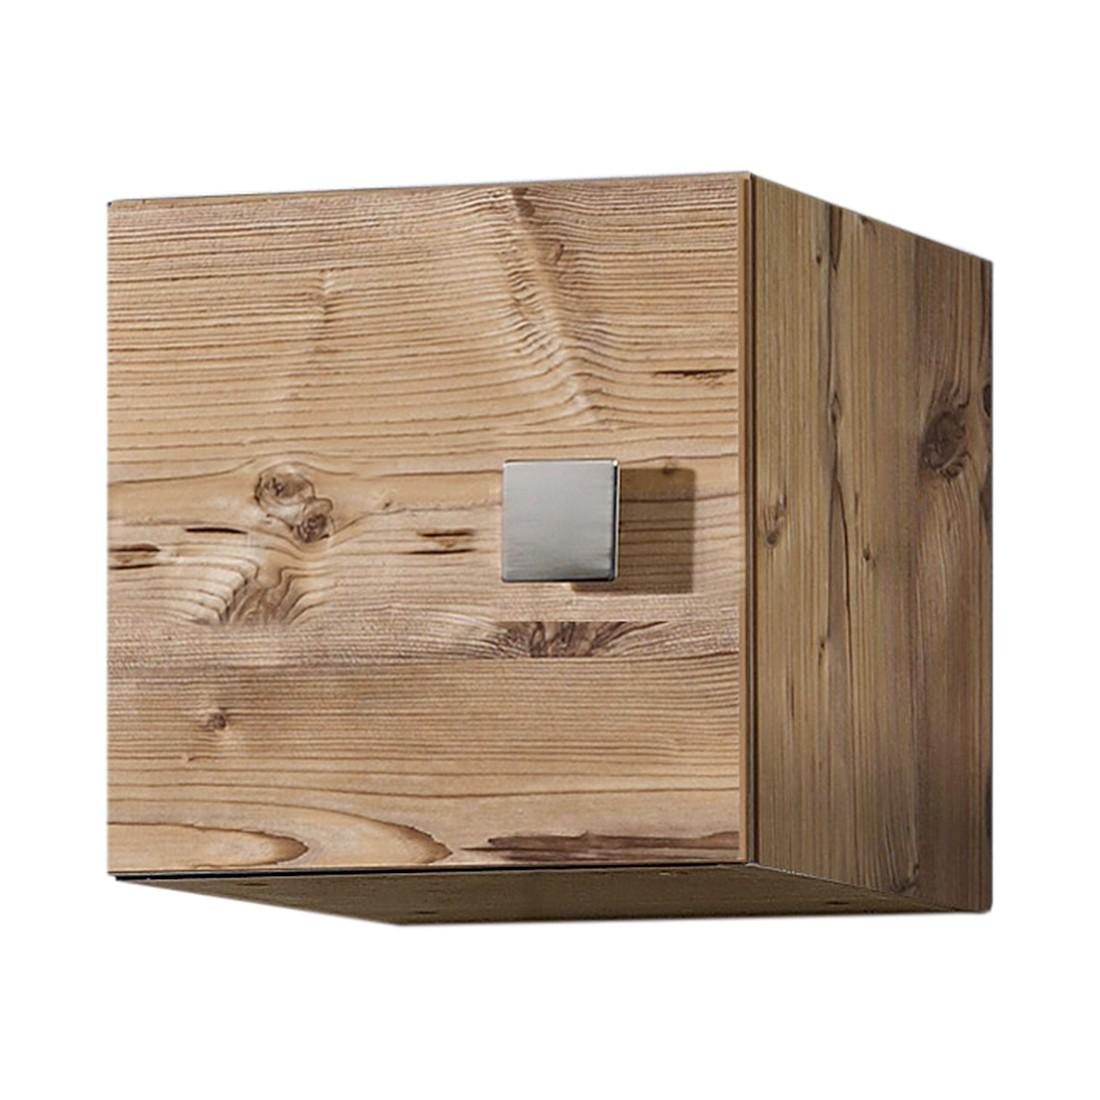 Hangkast Toronto - 30cm hoog - glanzend wit/zilversparkleurig, Schildmeyer